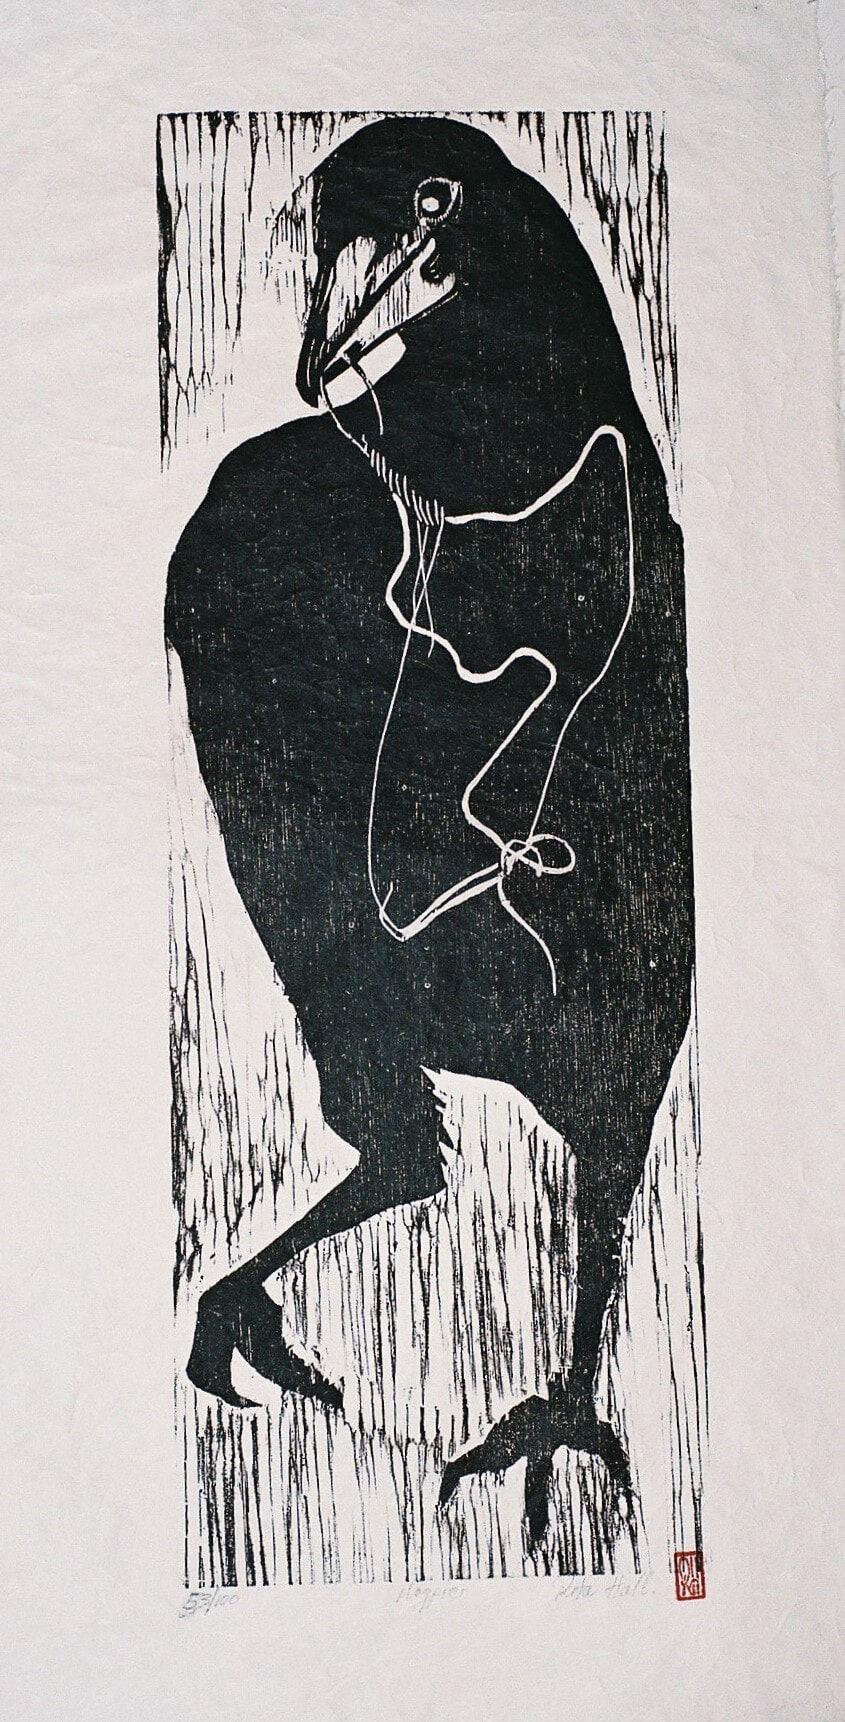 Magpie 1989 Wood Block 100 x 50cm